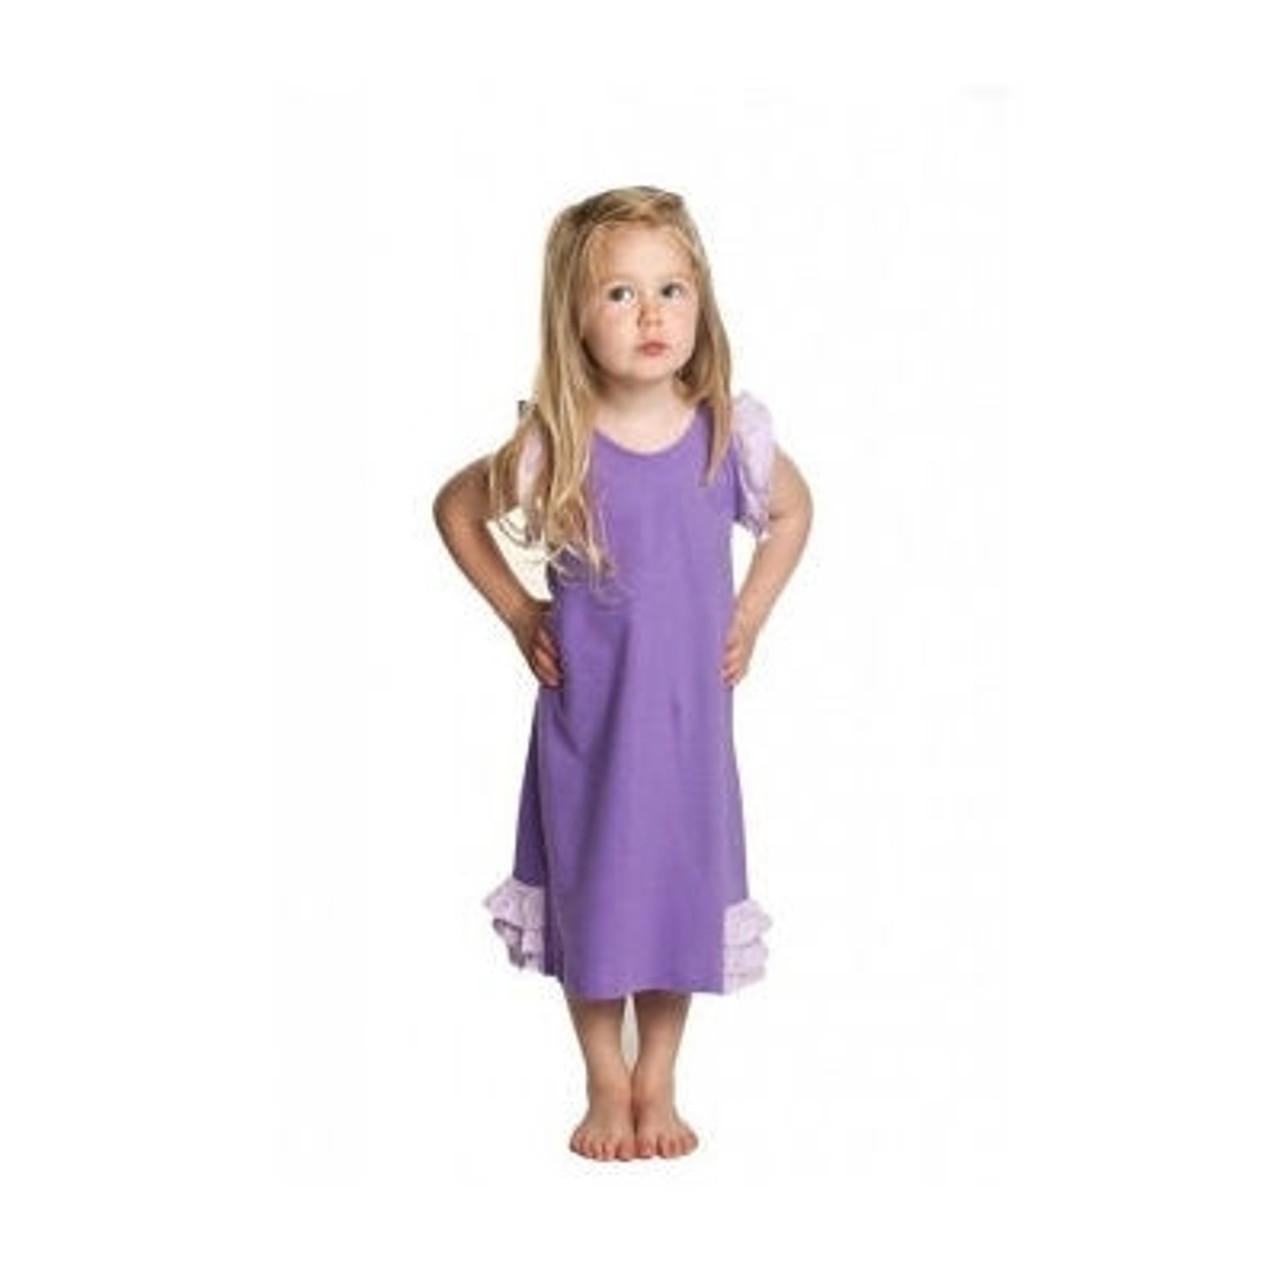 Kate Quinn Organic Dress - 18-24 Months